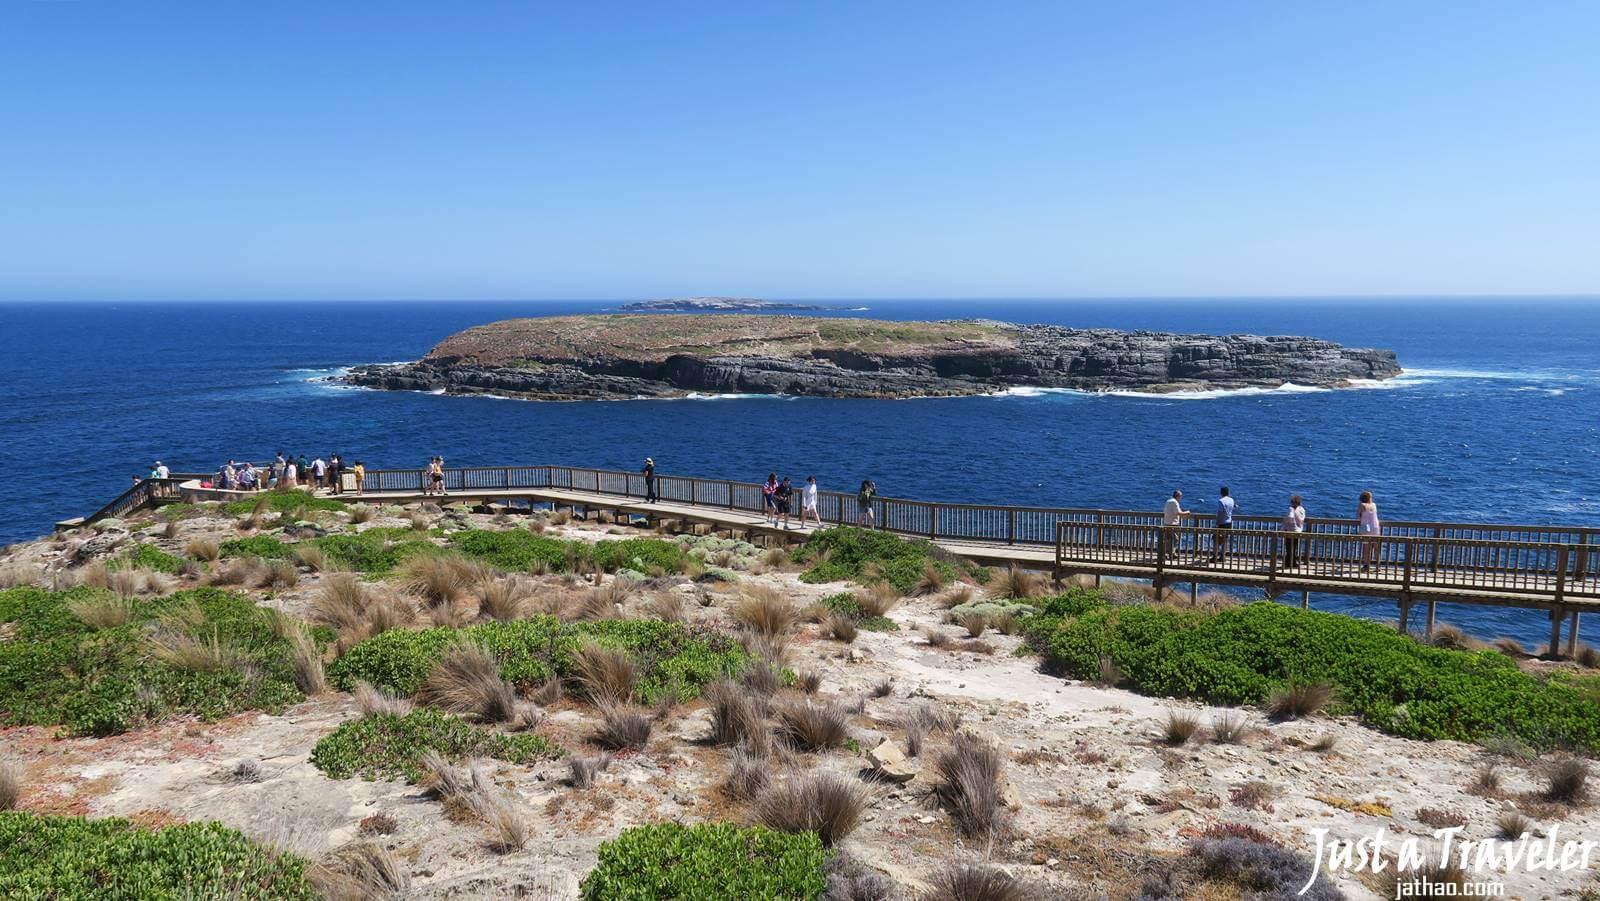 澳洲-澳洲旅遊-澳洲自由行-澳洲景點-遊記-澳洲觀光-推薦-澳洲地圖-Australia-阿德萊德-袋鼠島-Adelaide-Kangaroo-Island